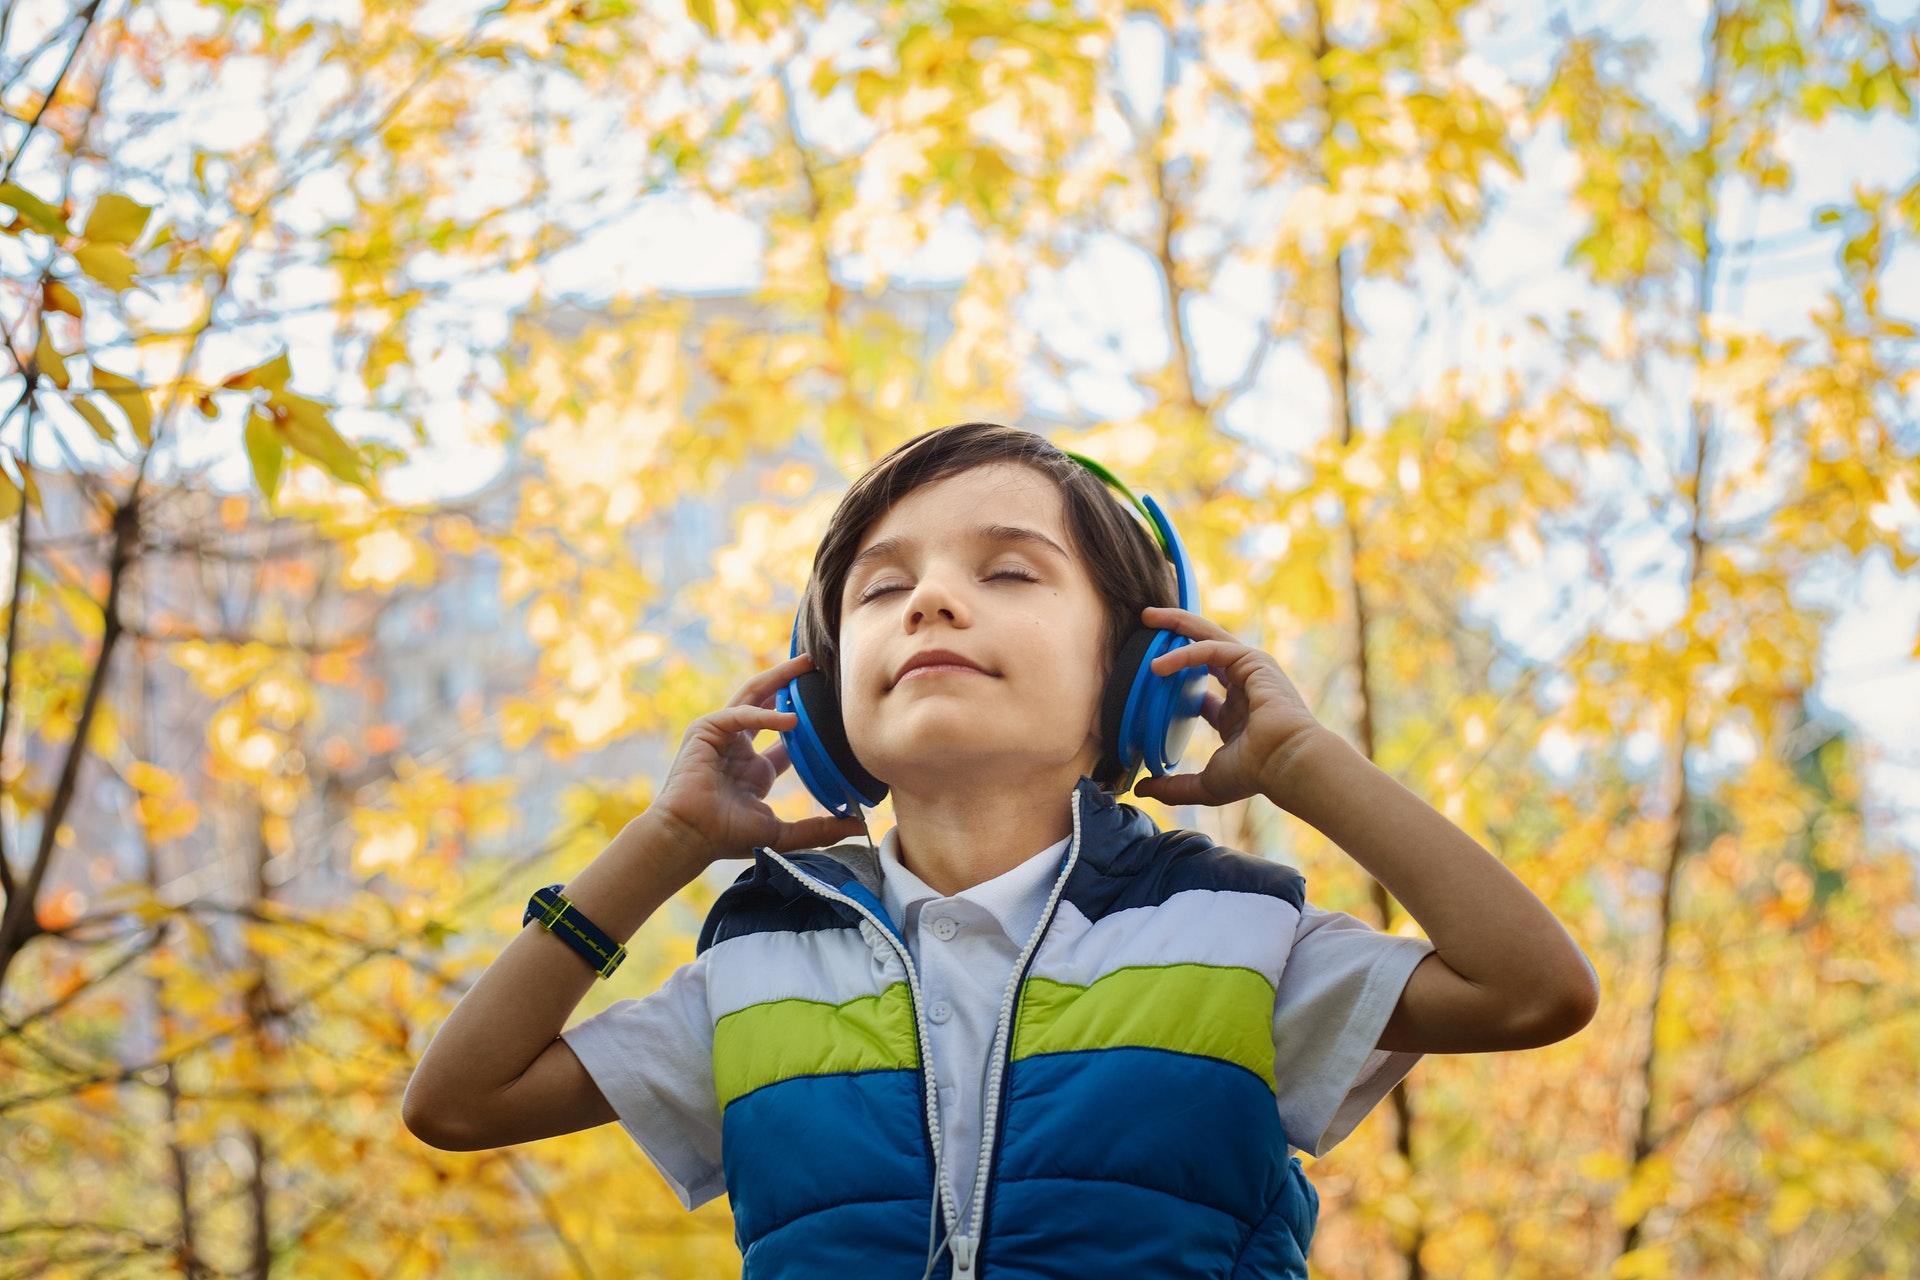 聞く技術研究所のブログを再稼働します~不確実な時代のマーケティングに必要な「聞く力」の事例・情報を発信します